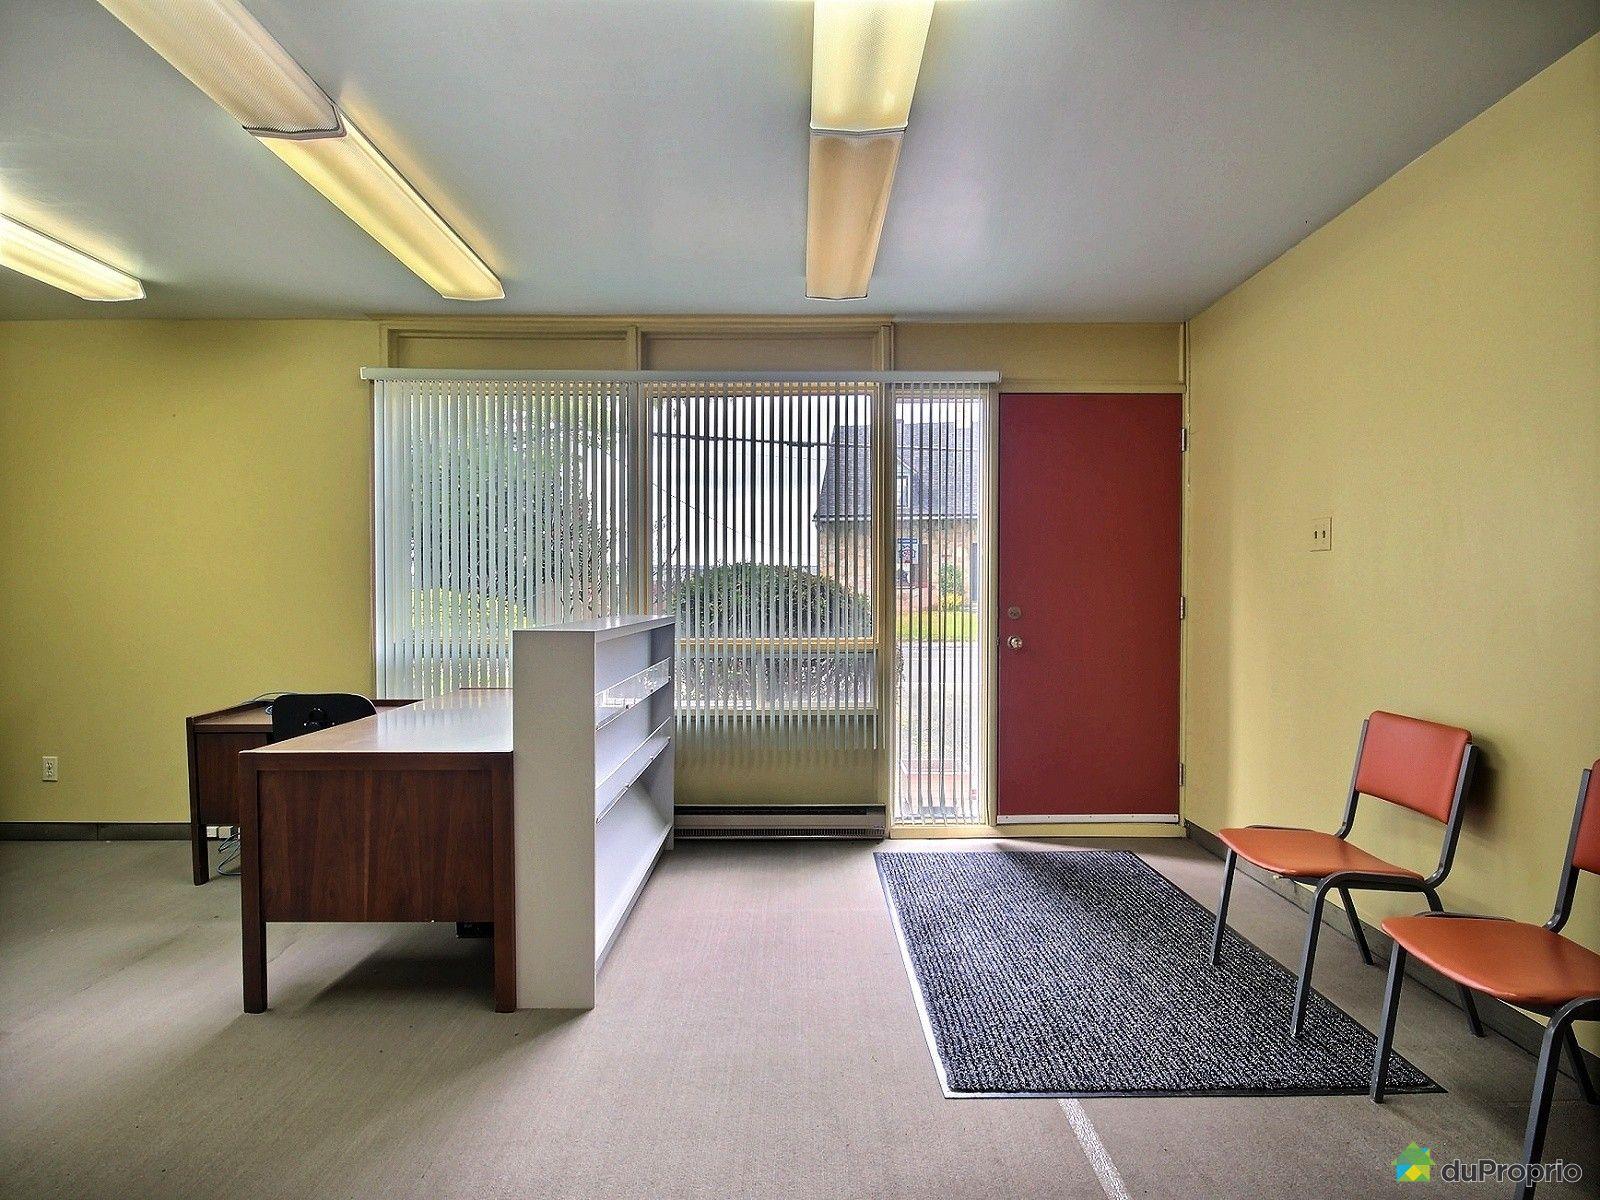 Maison vendre st agapit 1239 rue principale immobilier for Chambre de commerce rive sud